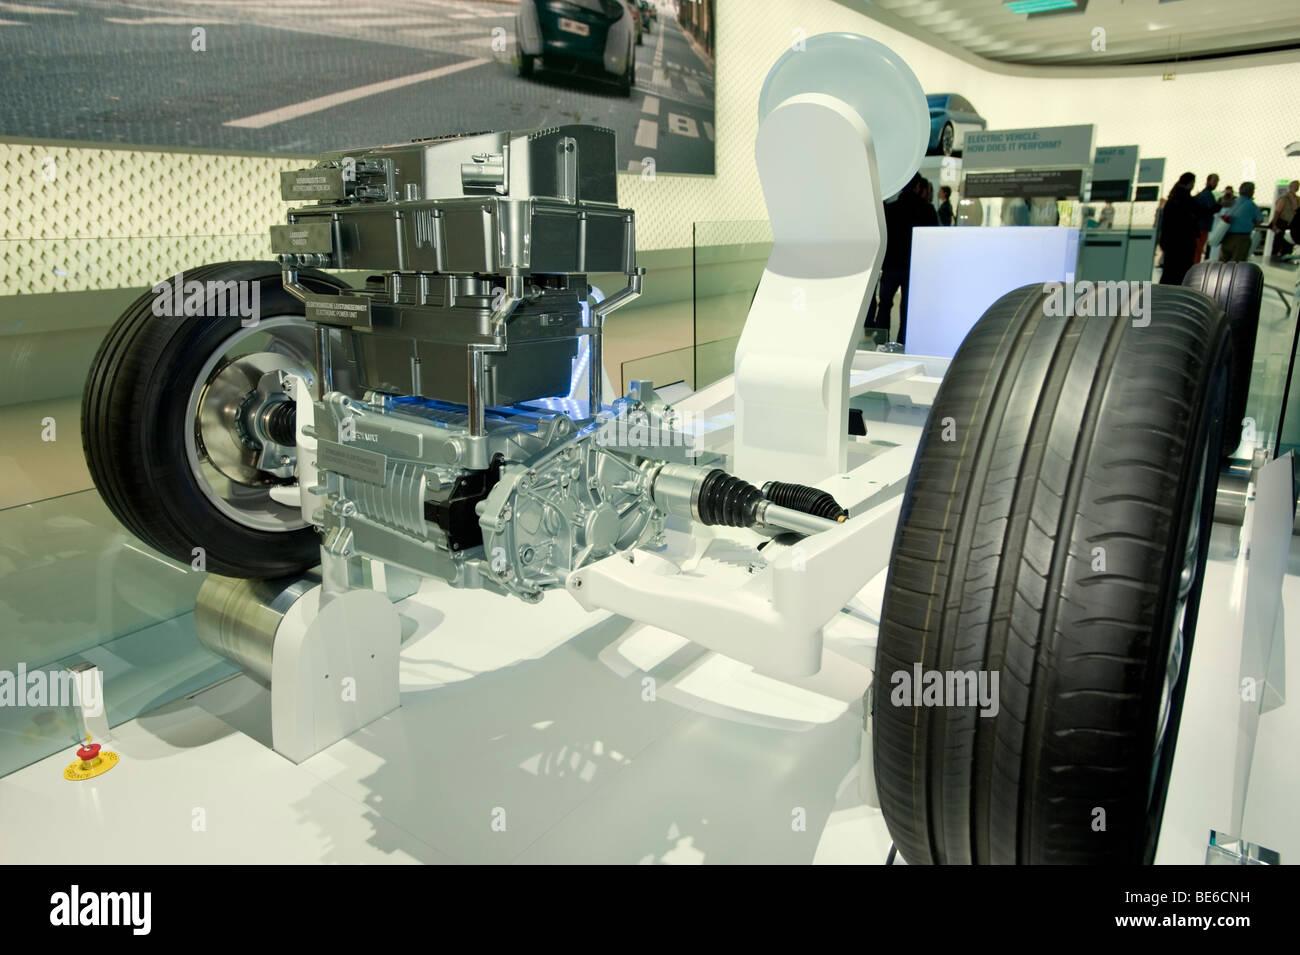 Modello dimostrativo del nuovo motore elettrico e chassis progettato da Renault al Salone di Francoforte 2009 Immagini Stock